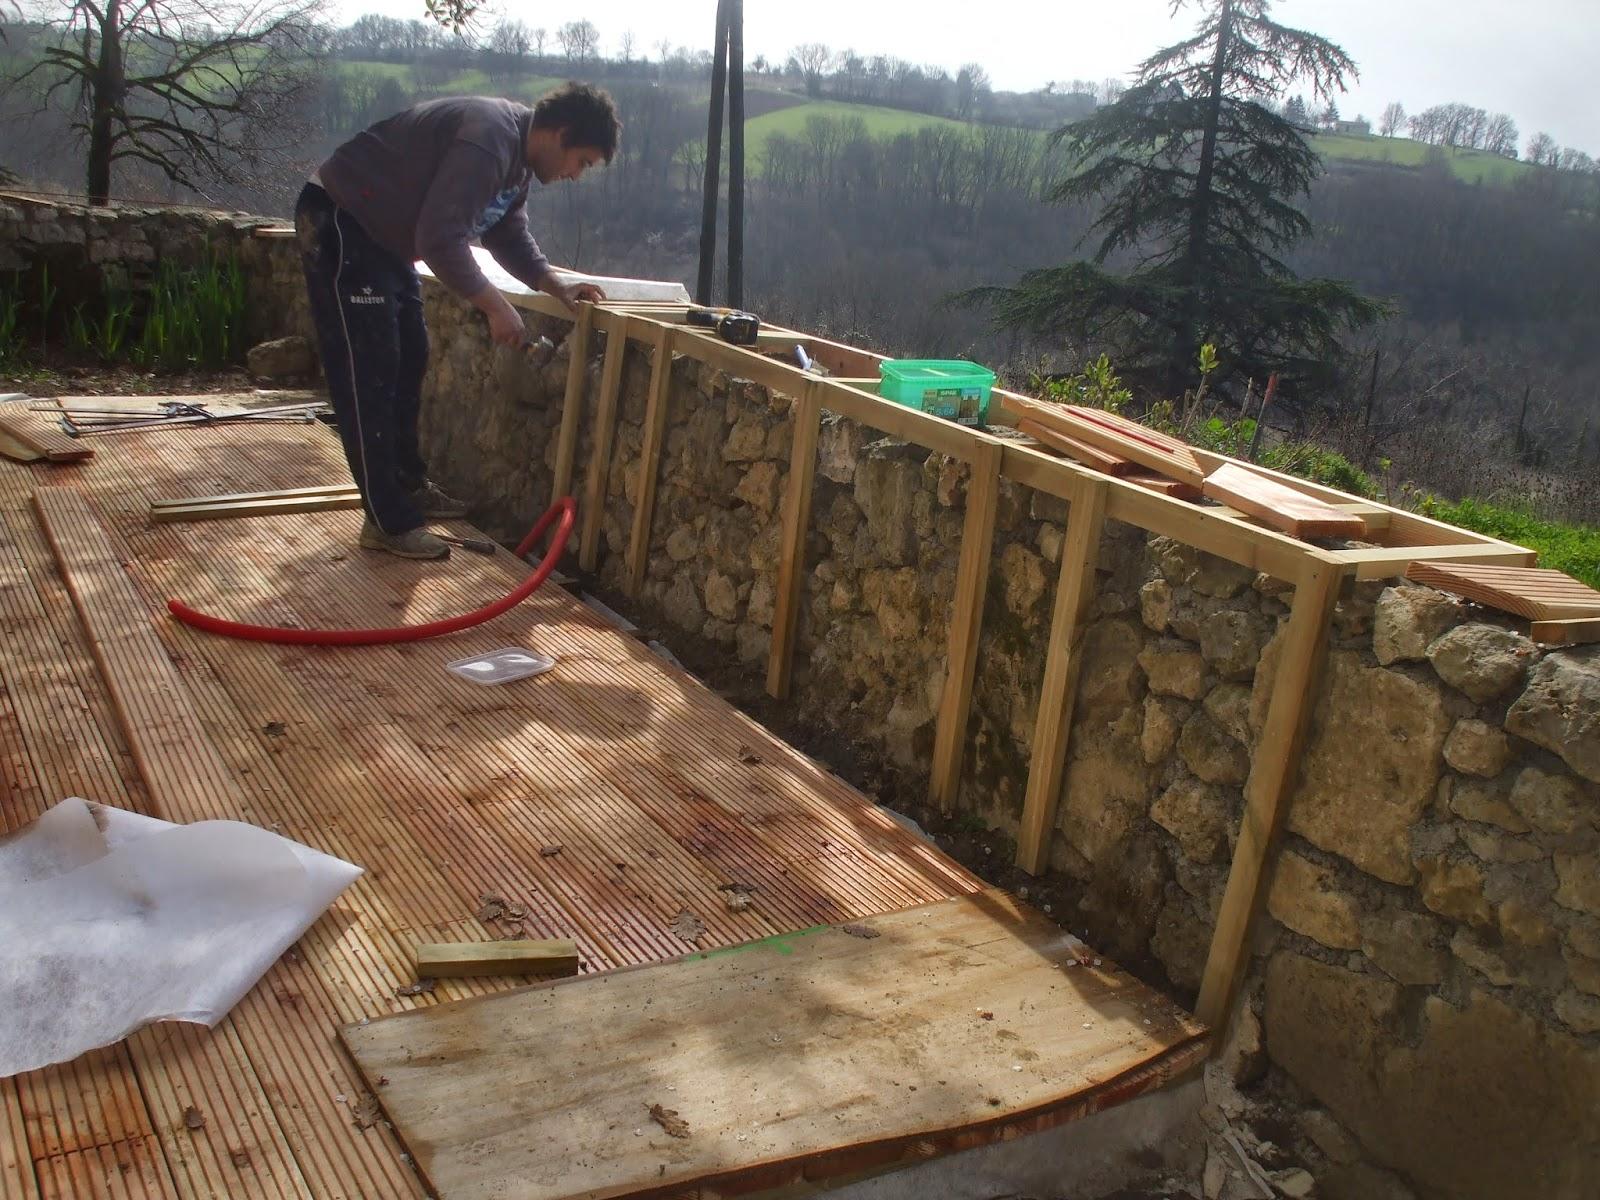 les terrasses de bessou chantier maintenant 19 22 mars 2015 terrasse finie. Black Bedroom Furniture Sets. Home Design Ideas